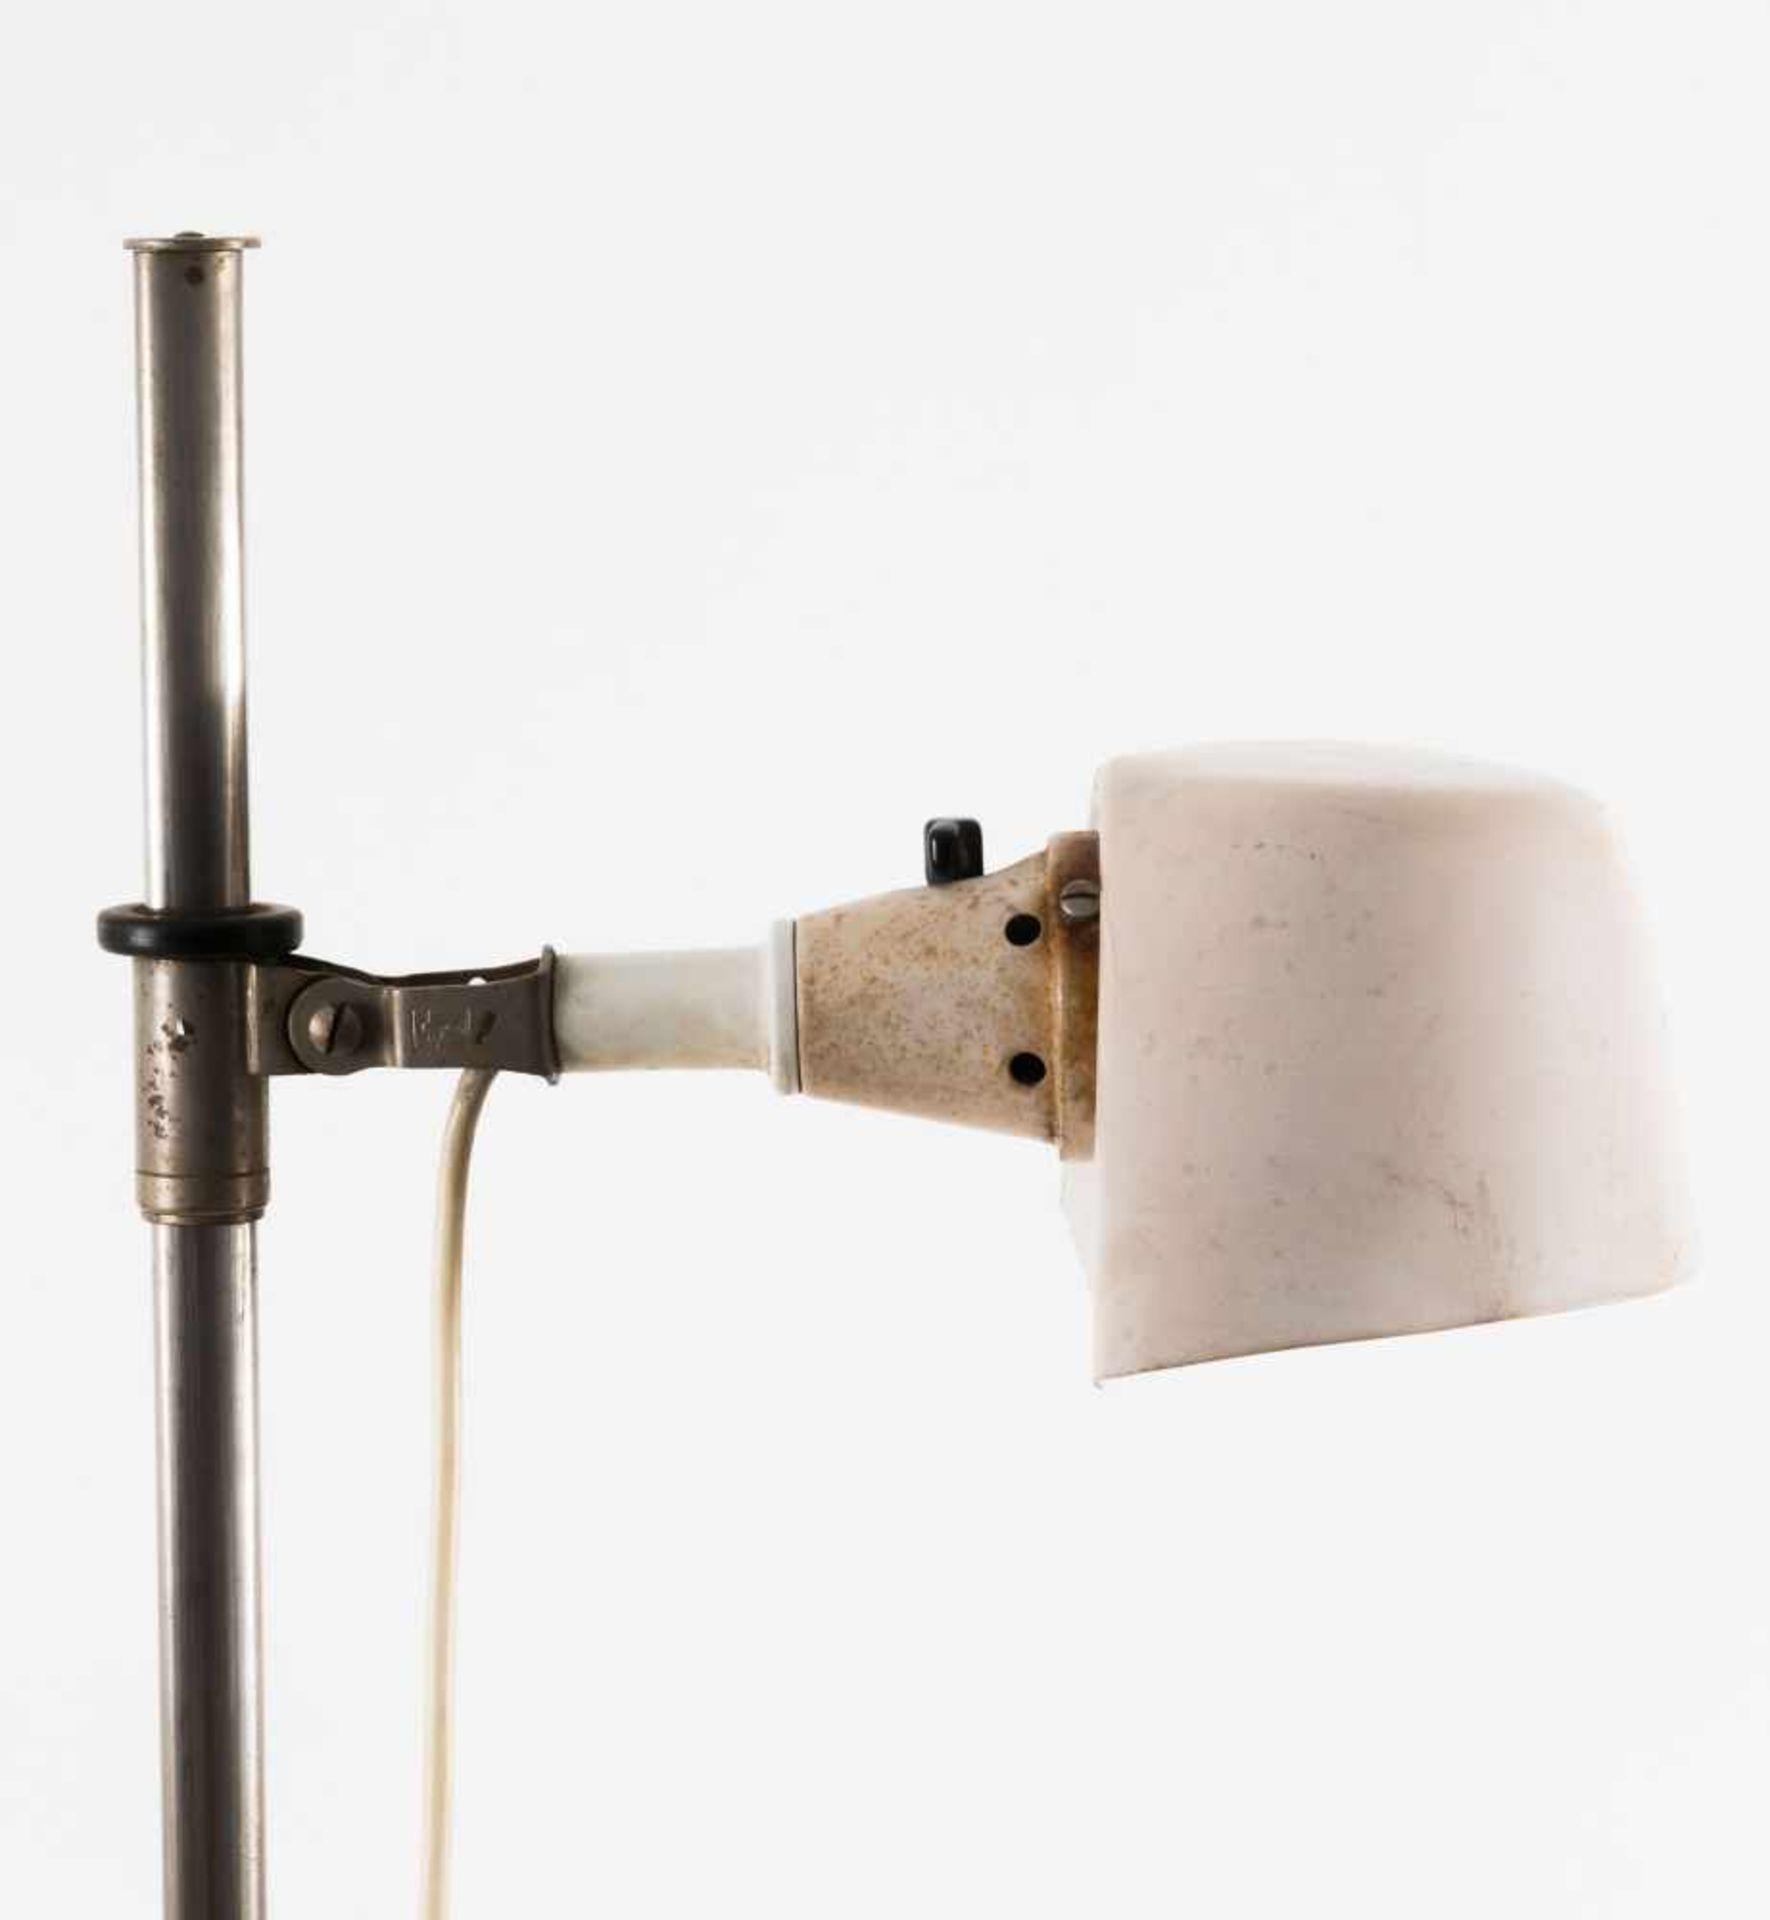 Los 54 - Curt Fischer (zugeschrieben) Stehleuchte 'Midgard', um 1930 H. 133,5 cm, Schirm: 20 x 11,5 cm.